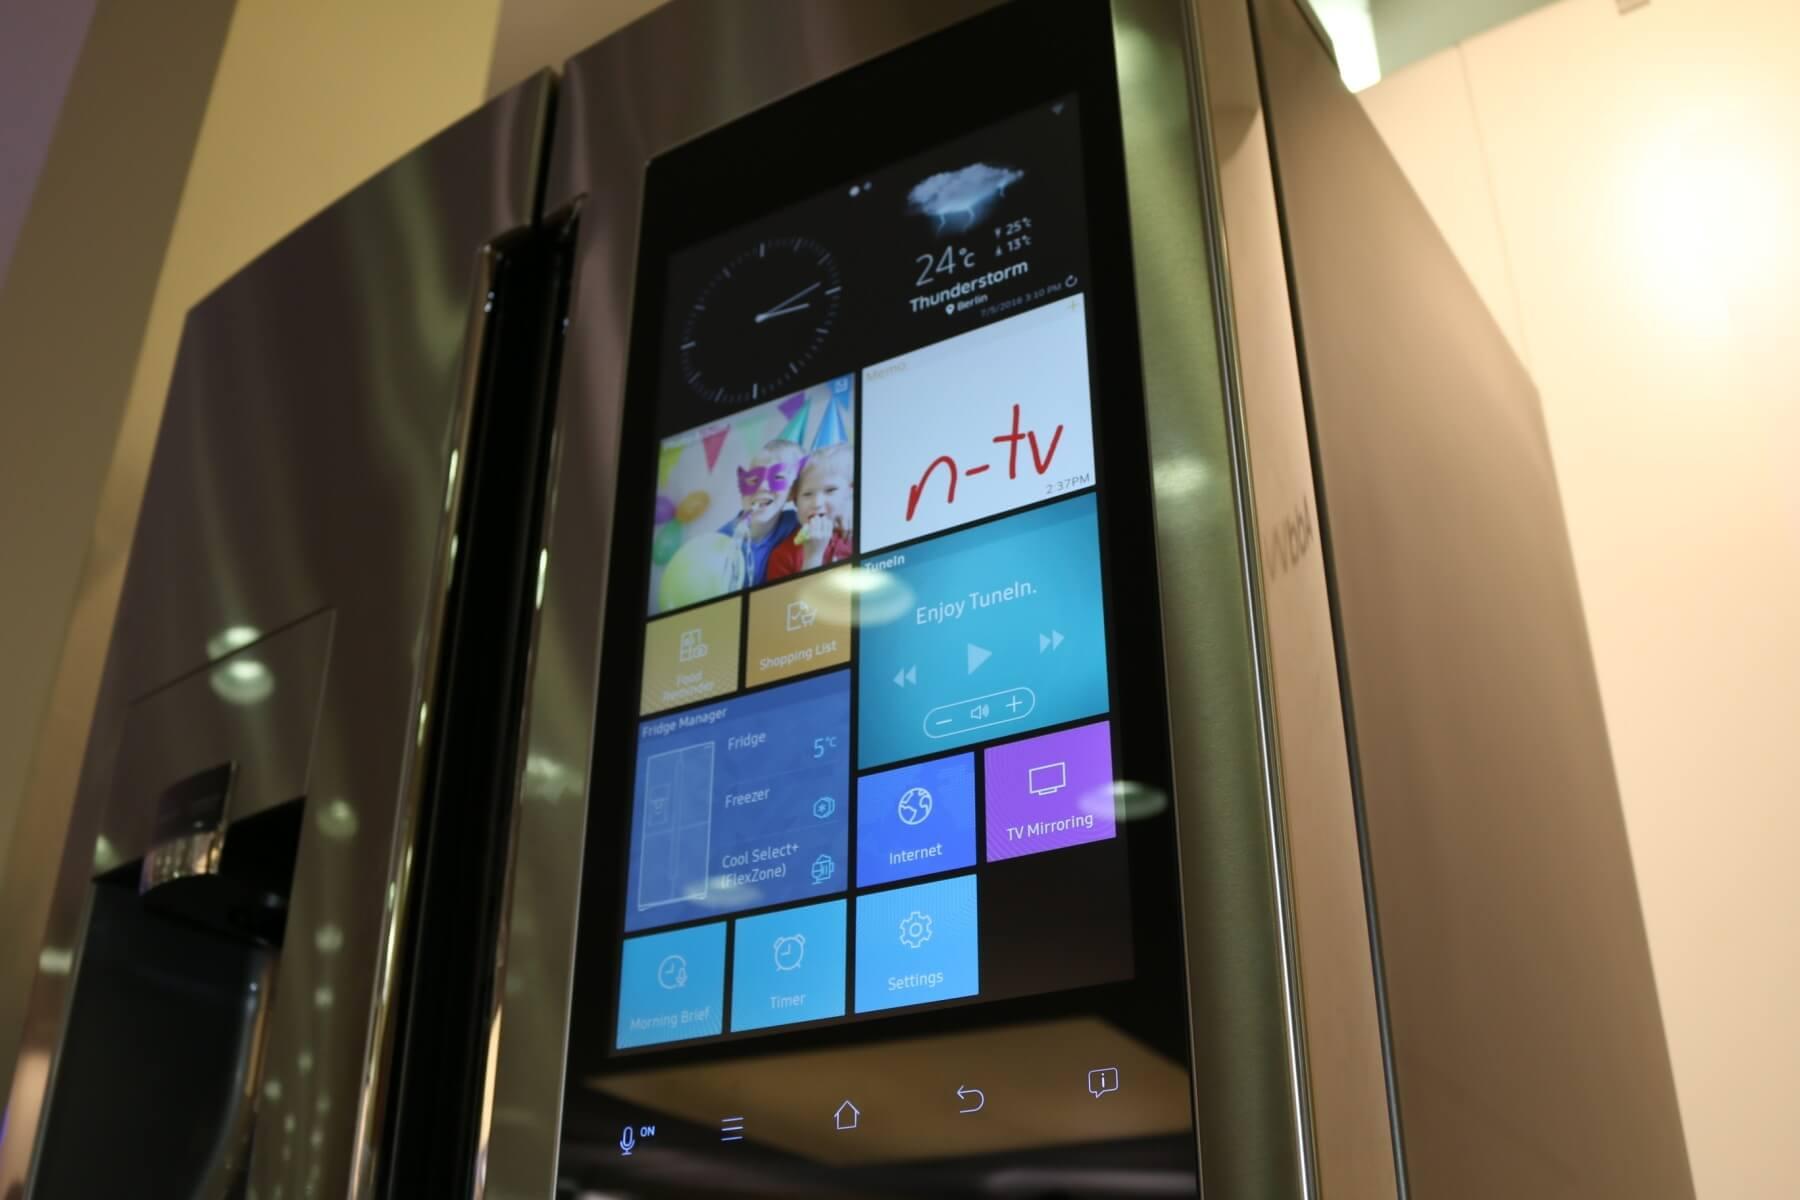 Side By Side Kühlschrank Mit Bildschirm : Ausgescherzt: quadcore kühlschrank mit full hd display kommt zu uns